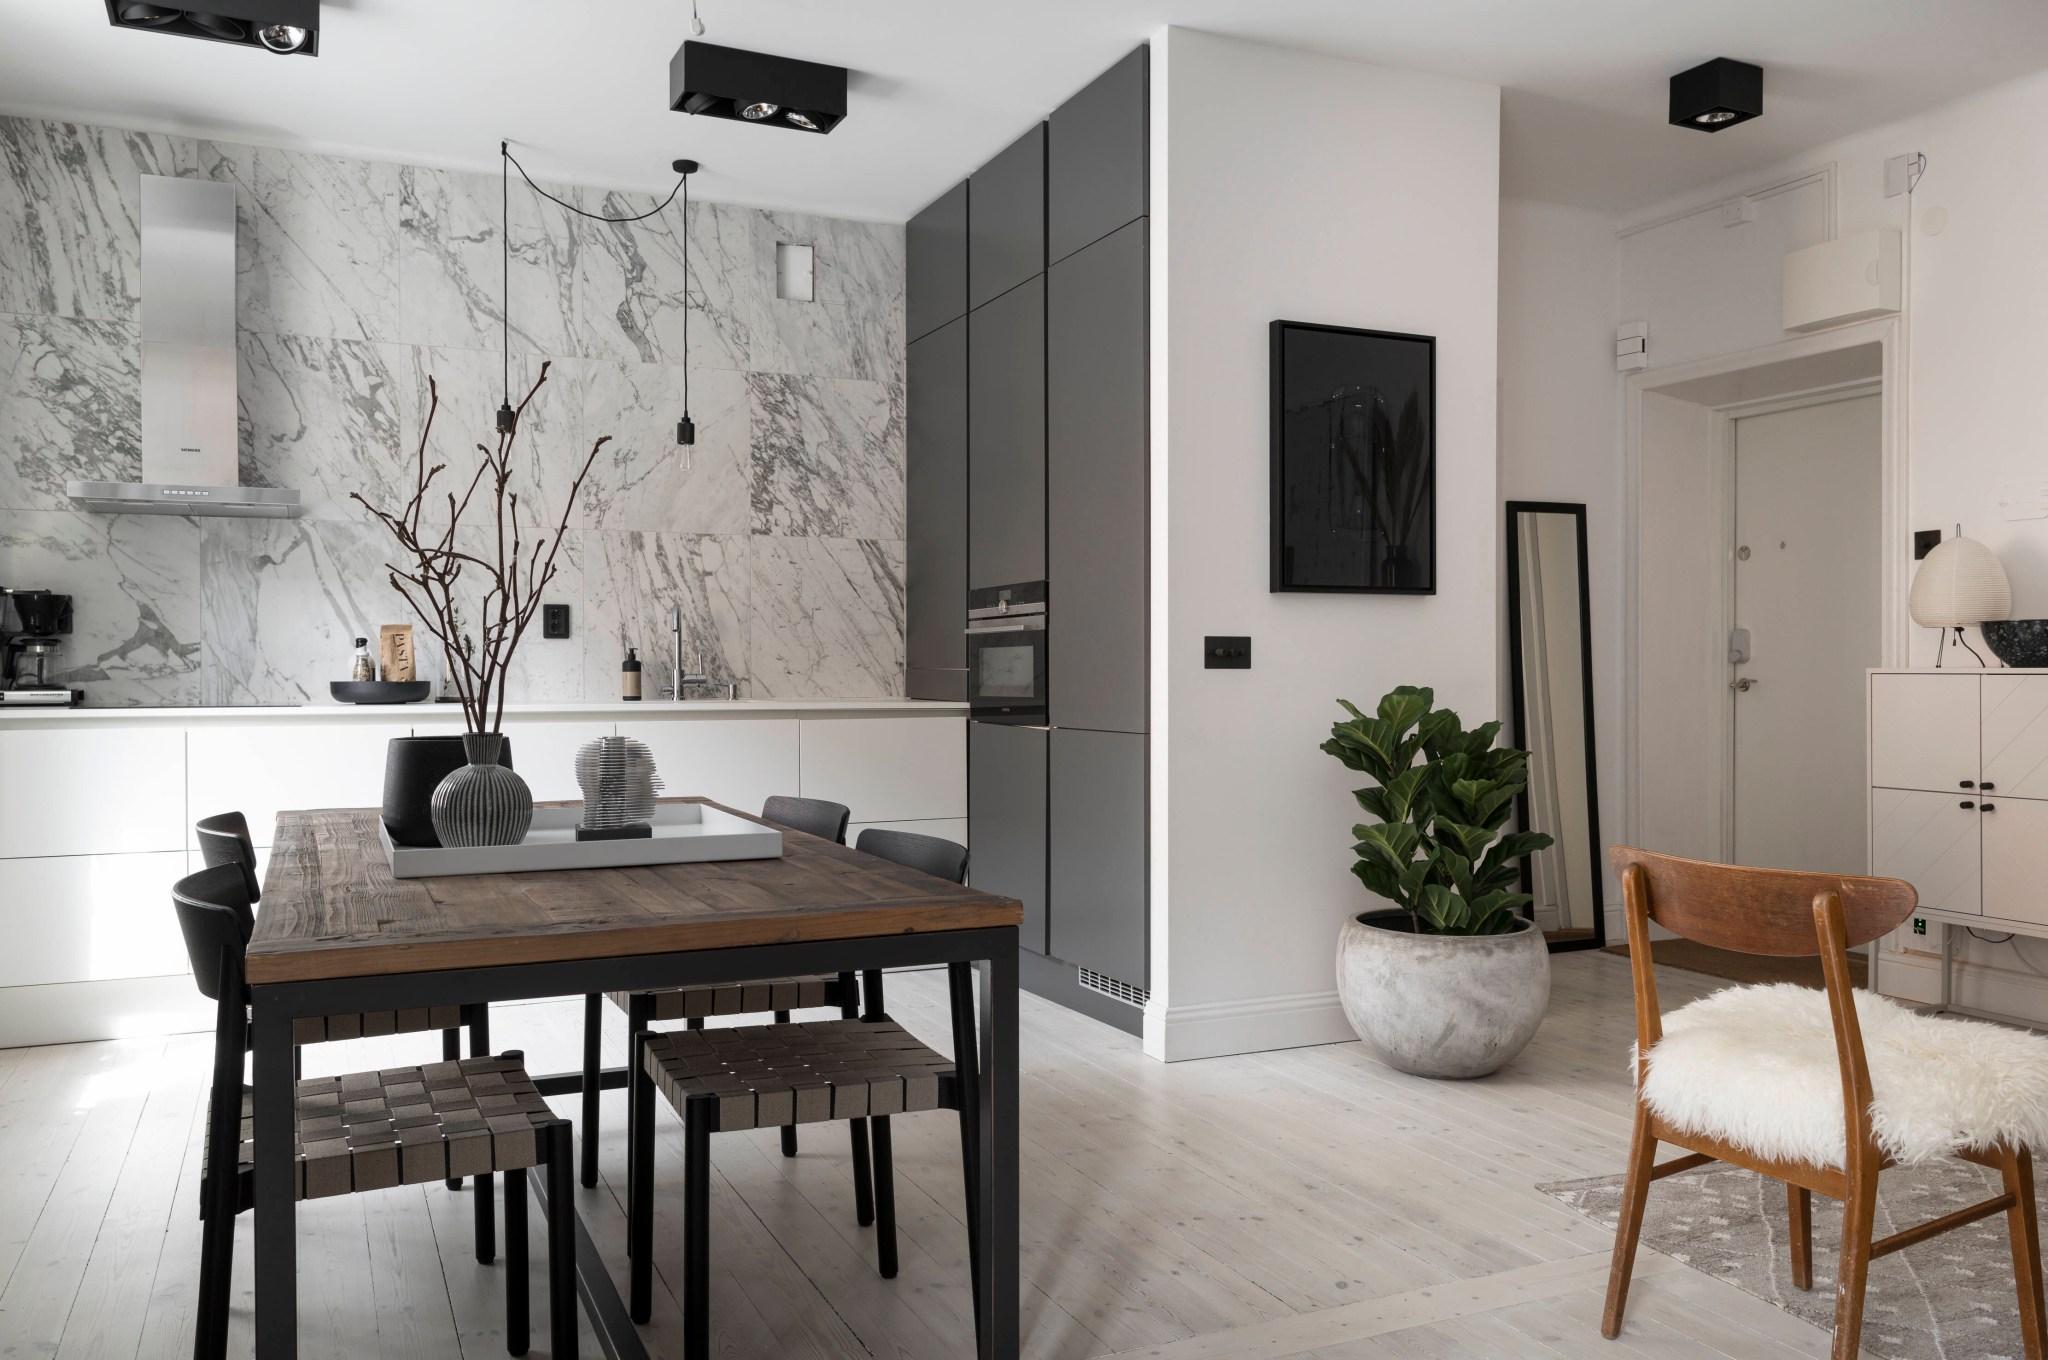 Uși de sticlă între living și dormitor într o garsonieră de 49 m² din Suedia 21